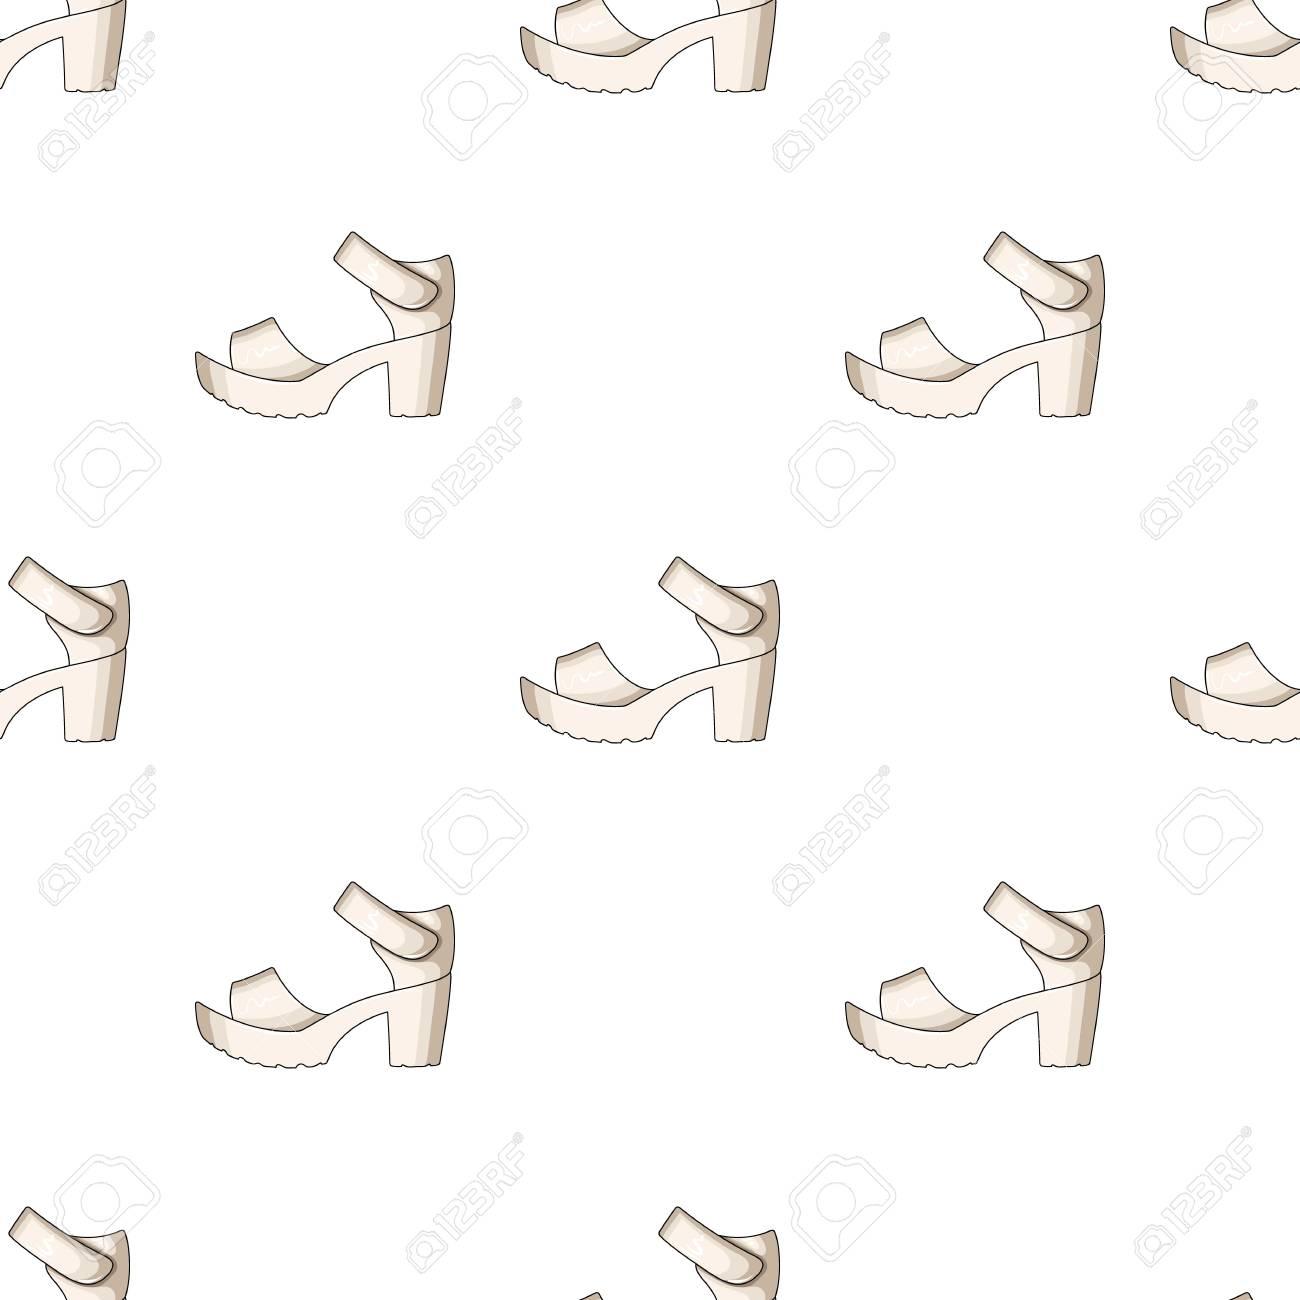 différent Chaussures Femmes Blanches D'été Sur Un Sandales Pied Nu qVSUzMpG